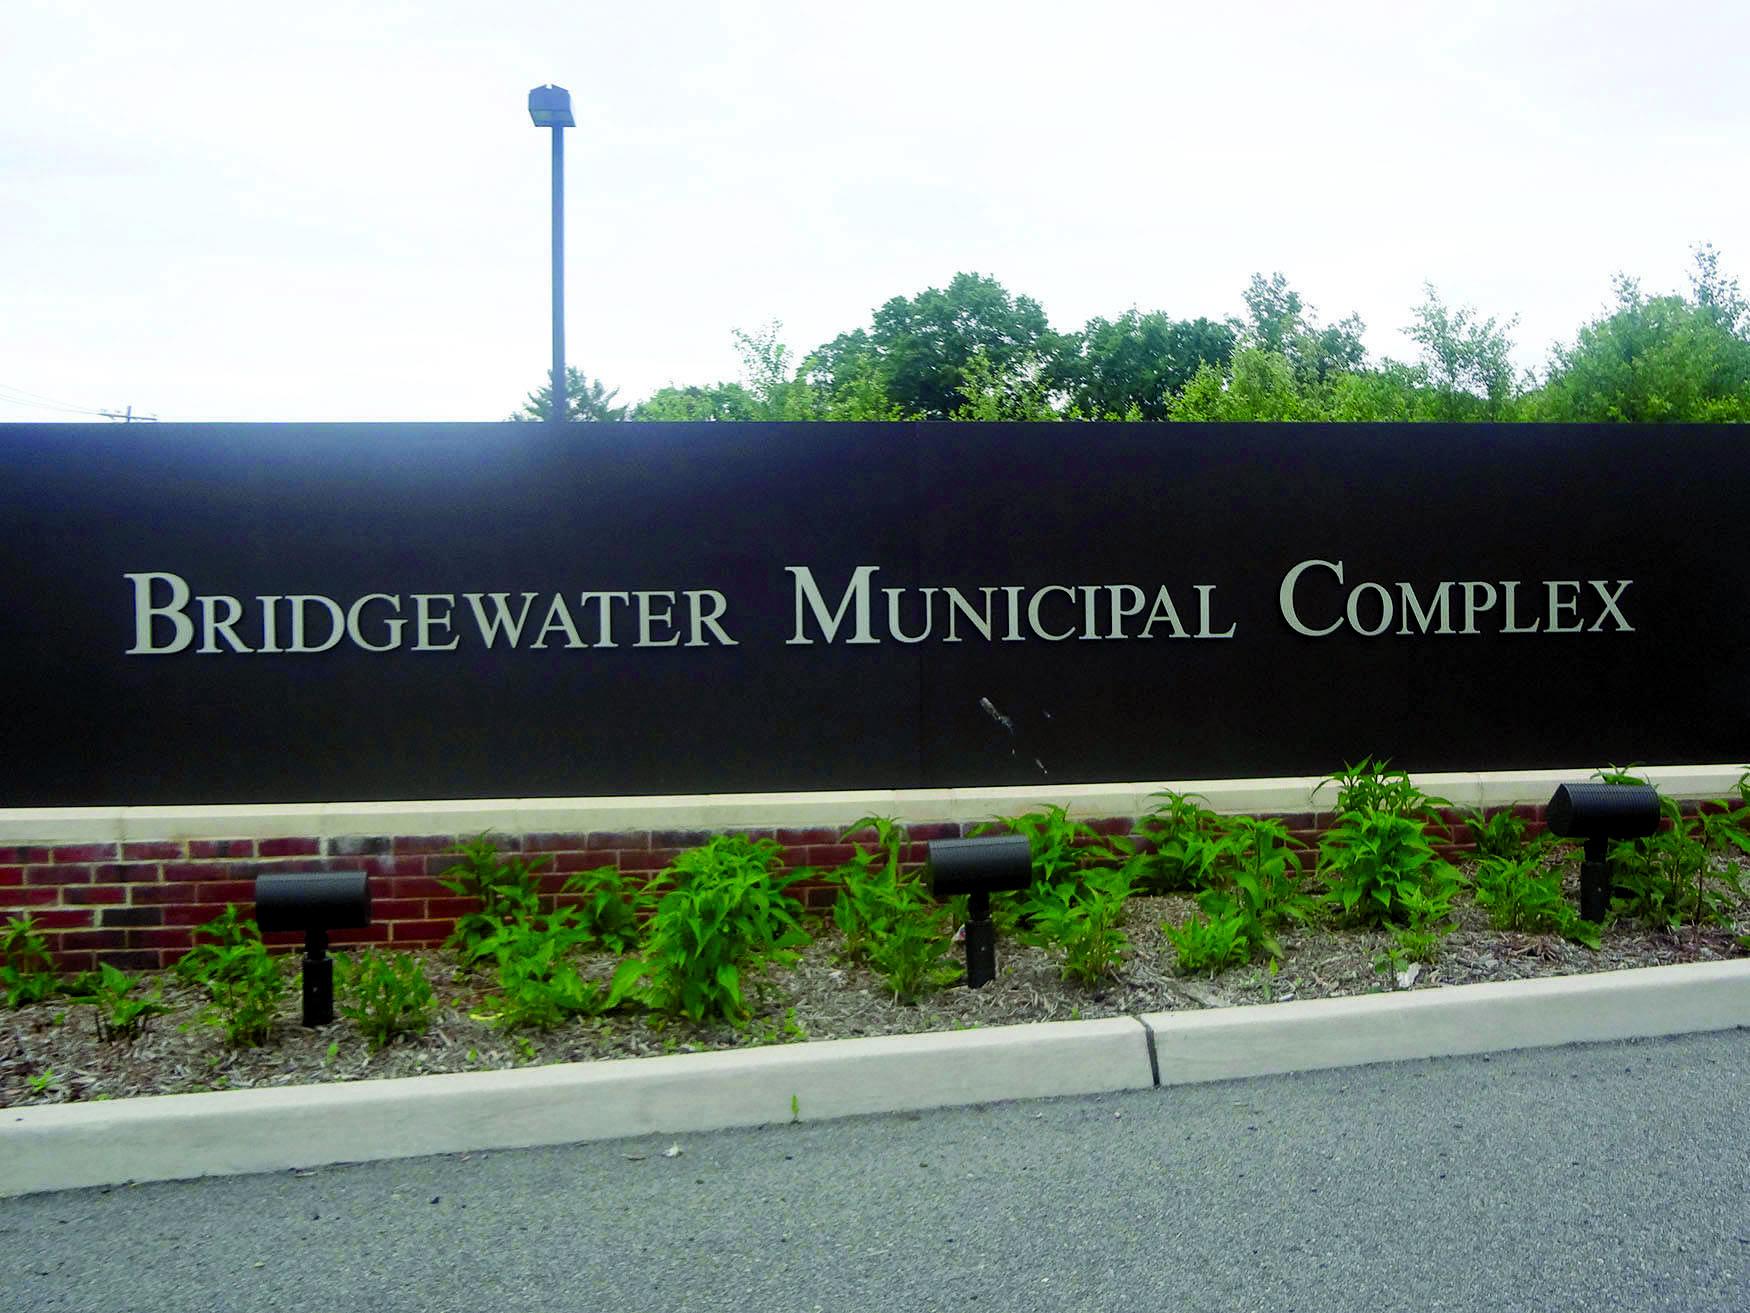 afd0d9198492e5ba0d26_Bridgewater_municipal.jpg